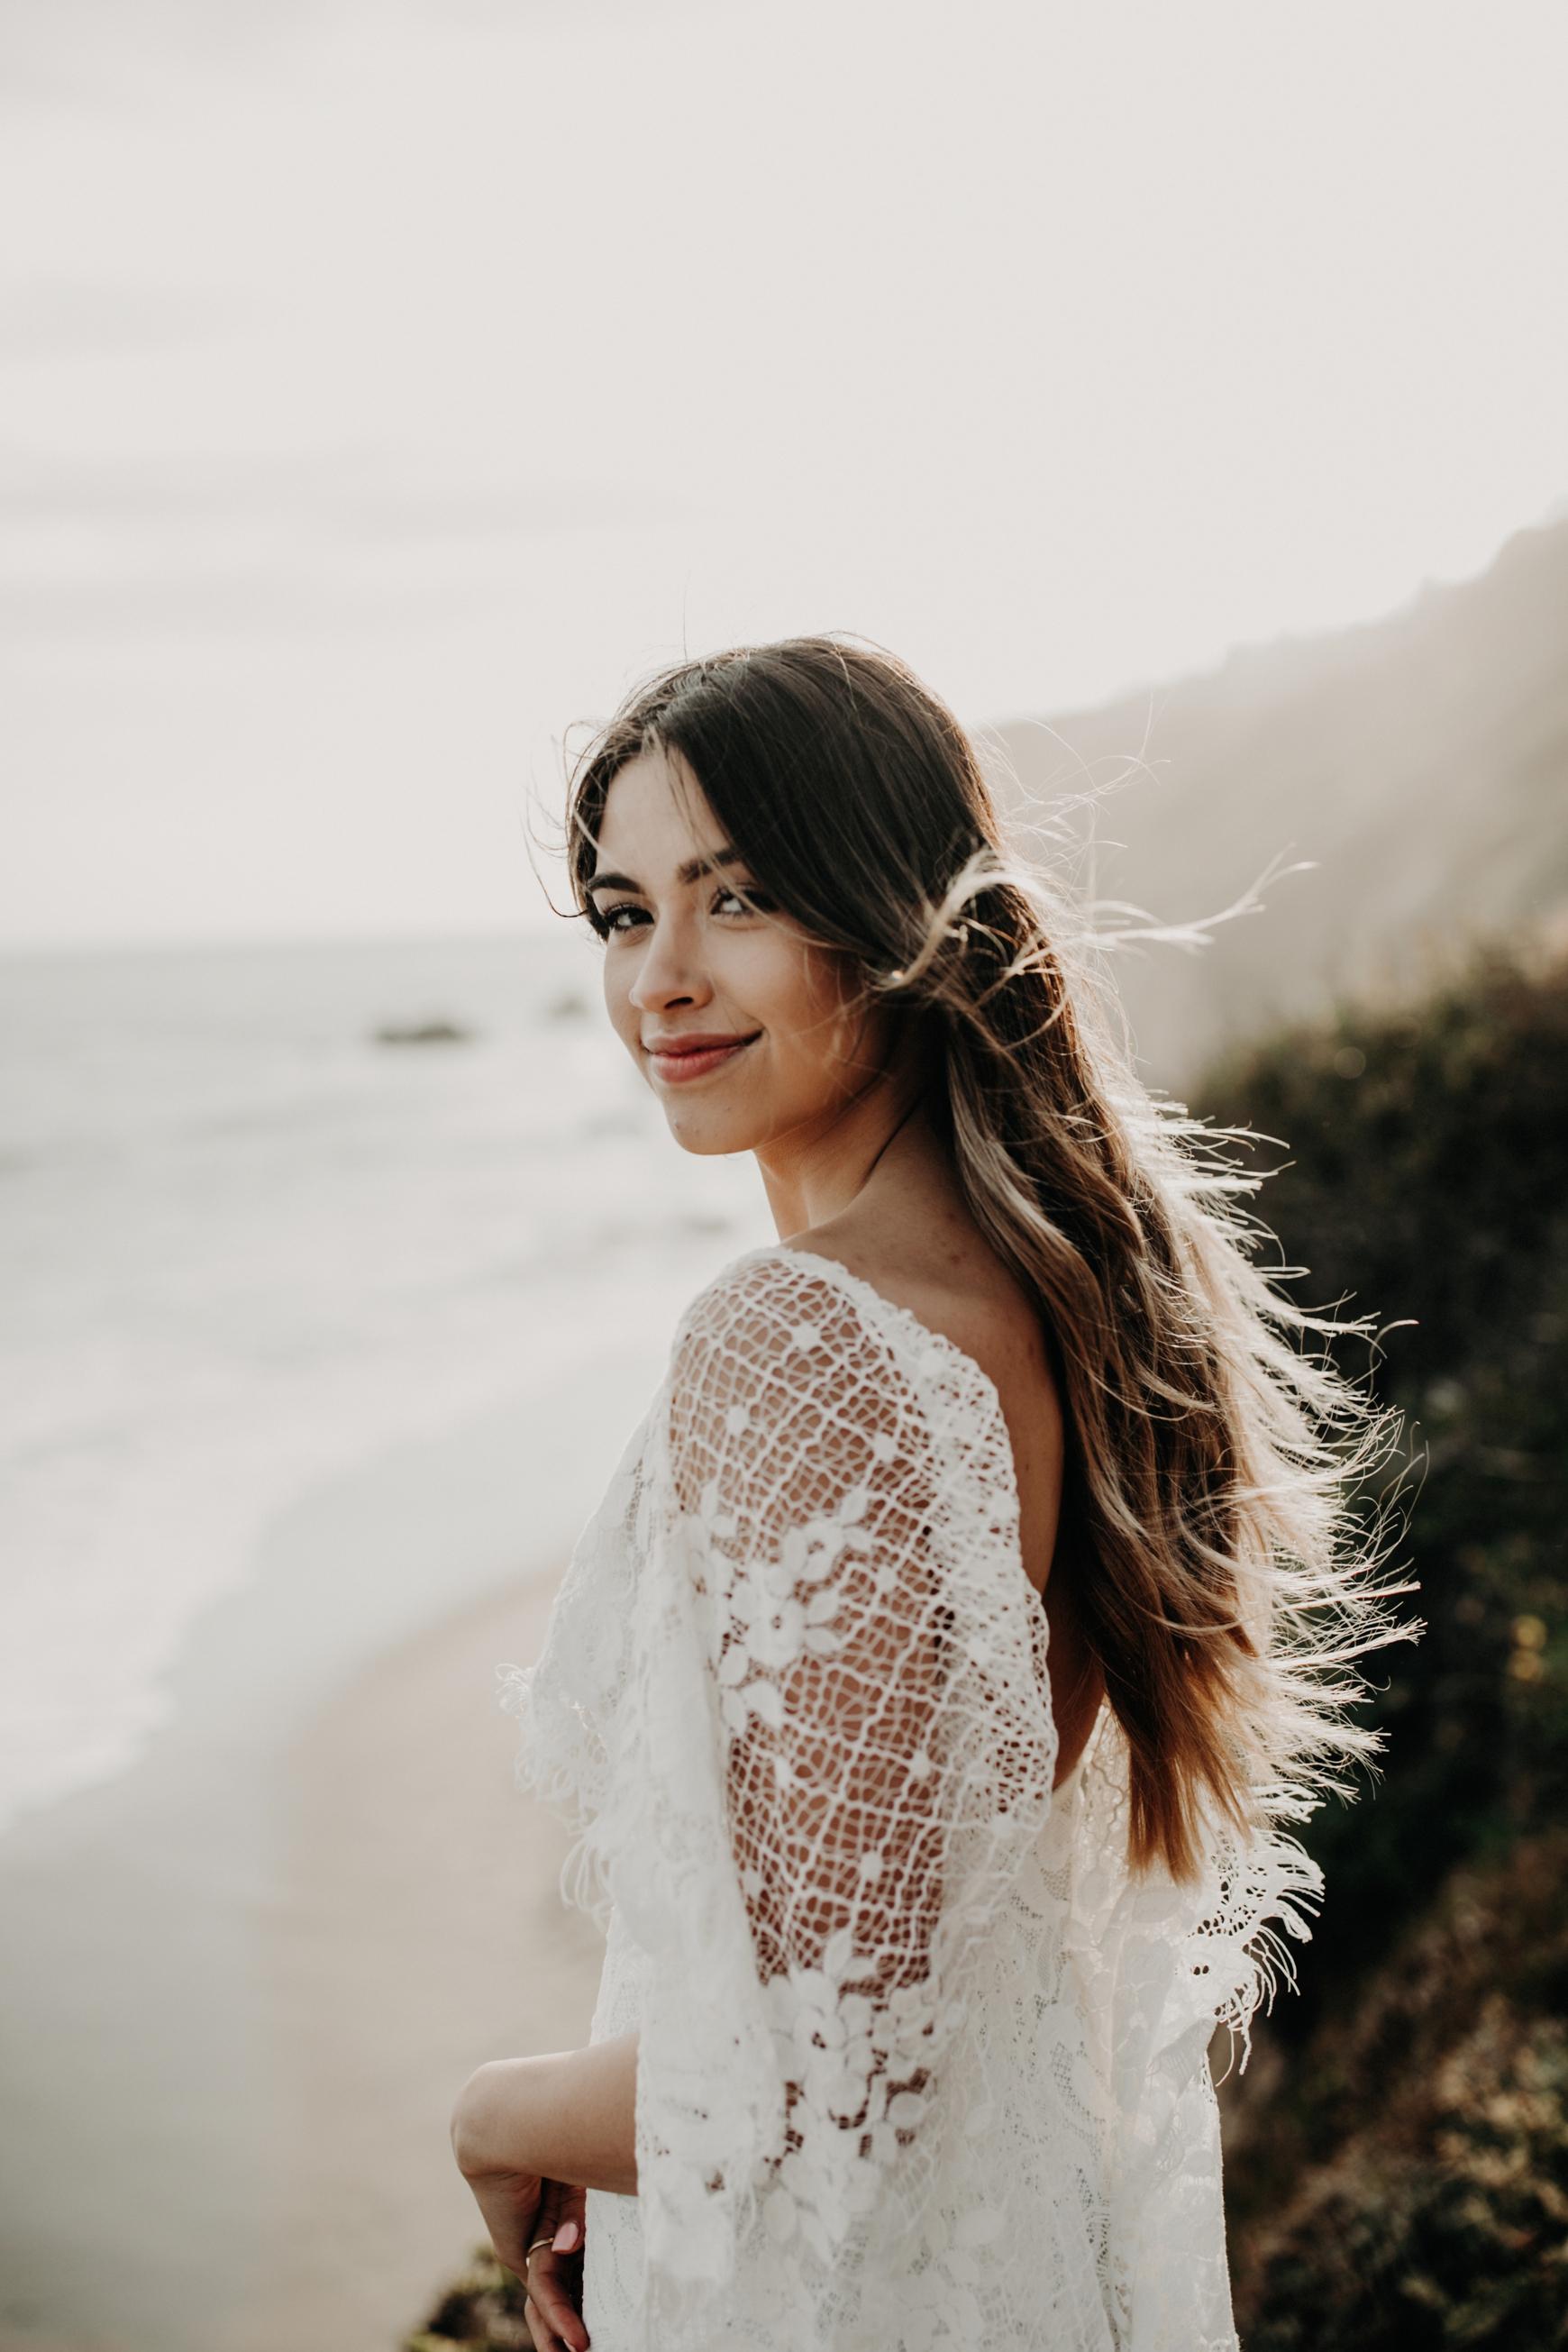 El Matador Beach Bridal Portraits Justellen & TJ Emily Magers Photography-182Emily Magers Photography.jpg